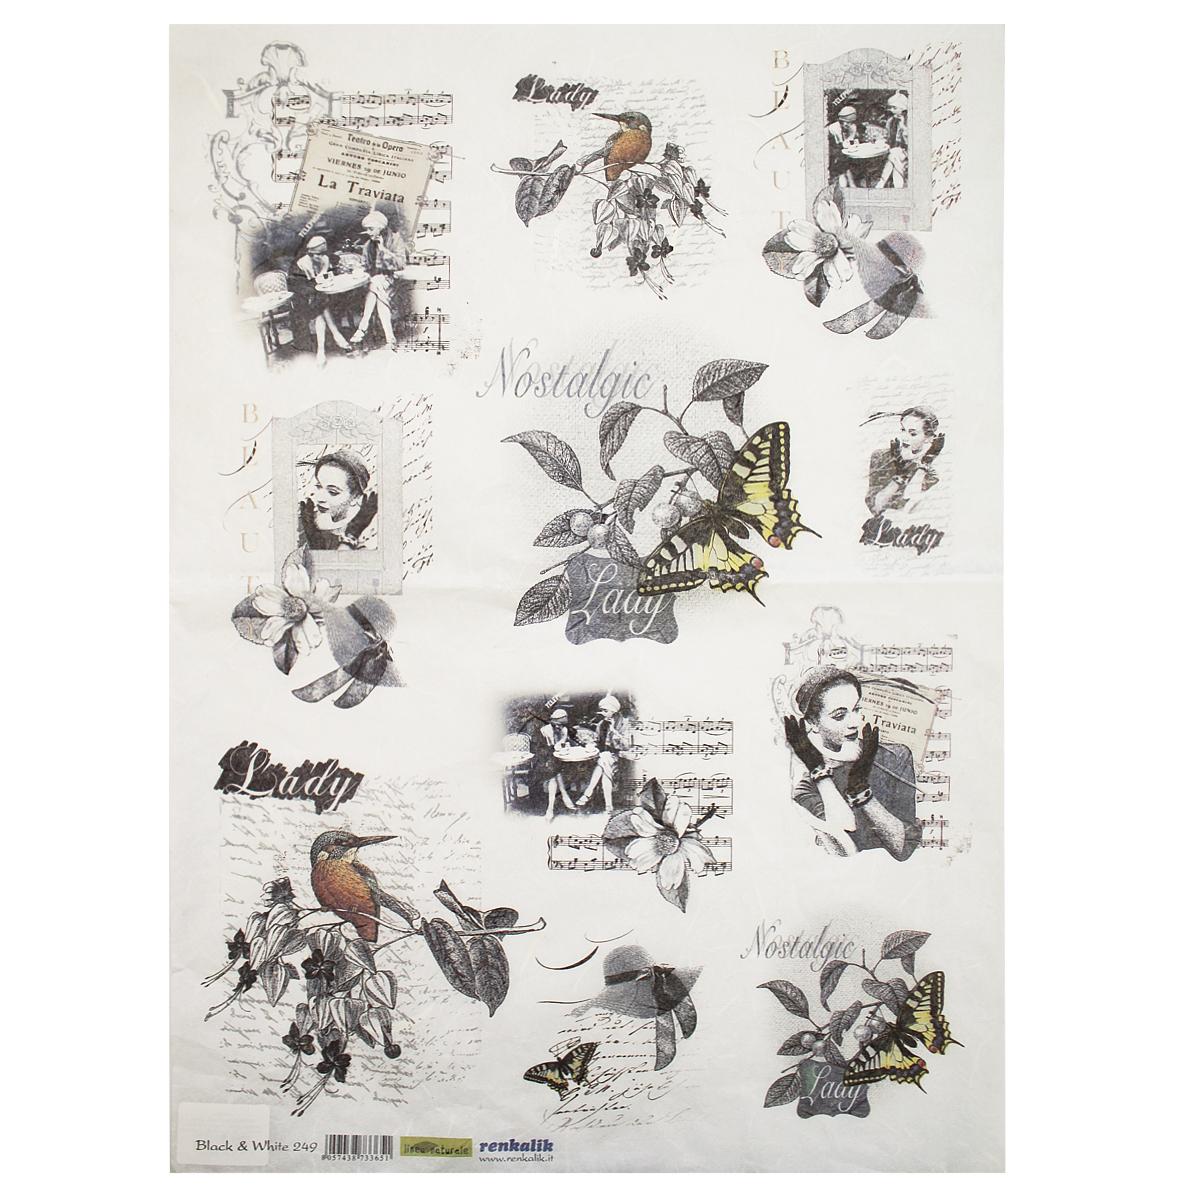 Рисовая бумага для декупажа Renkalik Ноты. Черное и белое, 35 х 50 см7716585Бумага для декупажа Renkalik предназначена для декорирования предметов. Имеет в составе прожилки риса, которые очень красиво смотрятся на декорируемом изделии, придают ему неповторимую фактуру и создают эффект нанесенного кистью рисунка. Подходит для декора в технике декупаж на стекле, дереве, пластике, металле и любых других поверхностях. Плотность бумаги: 25 г/м2.